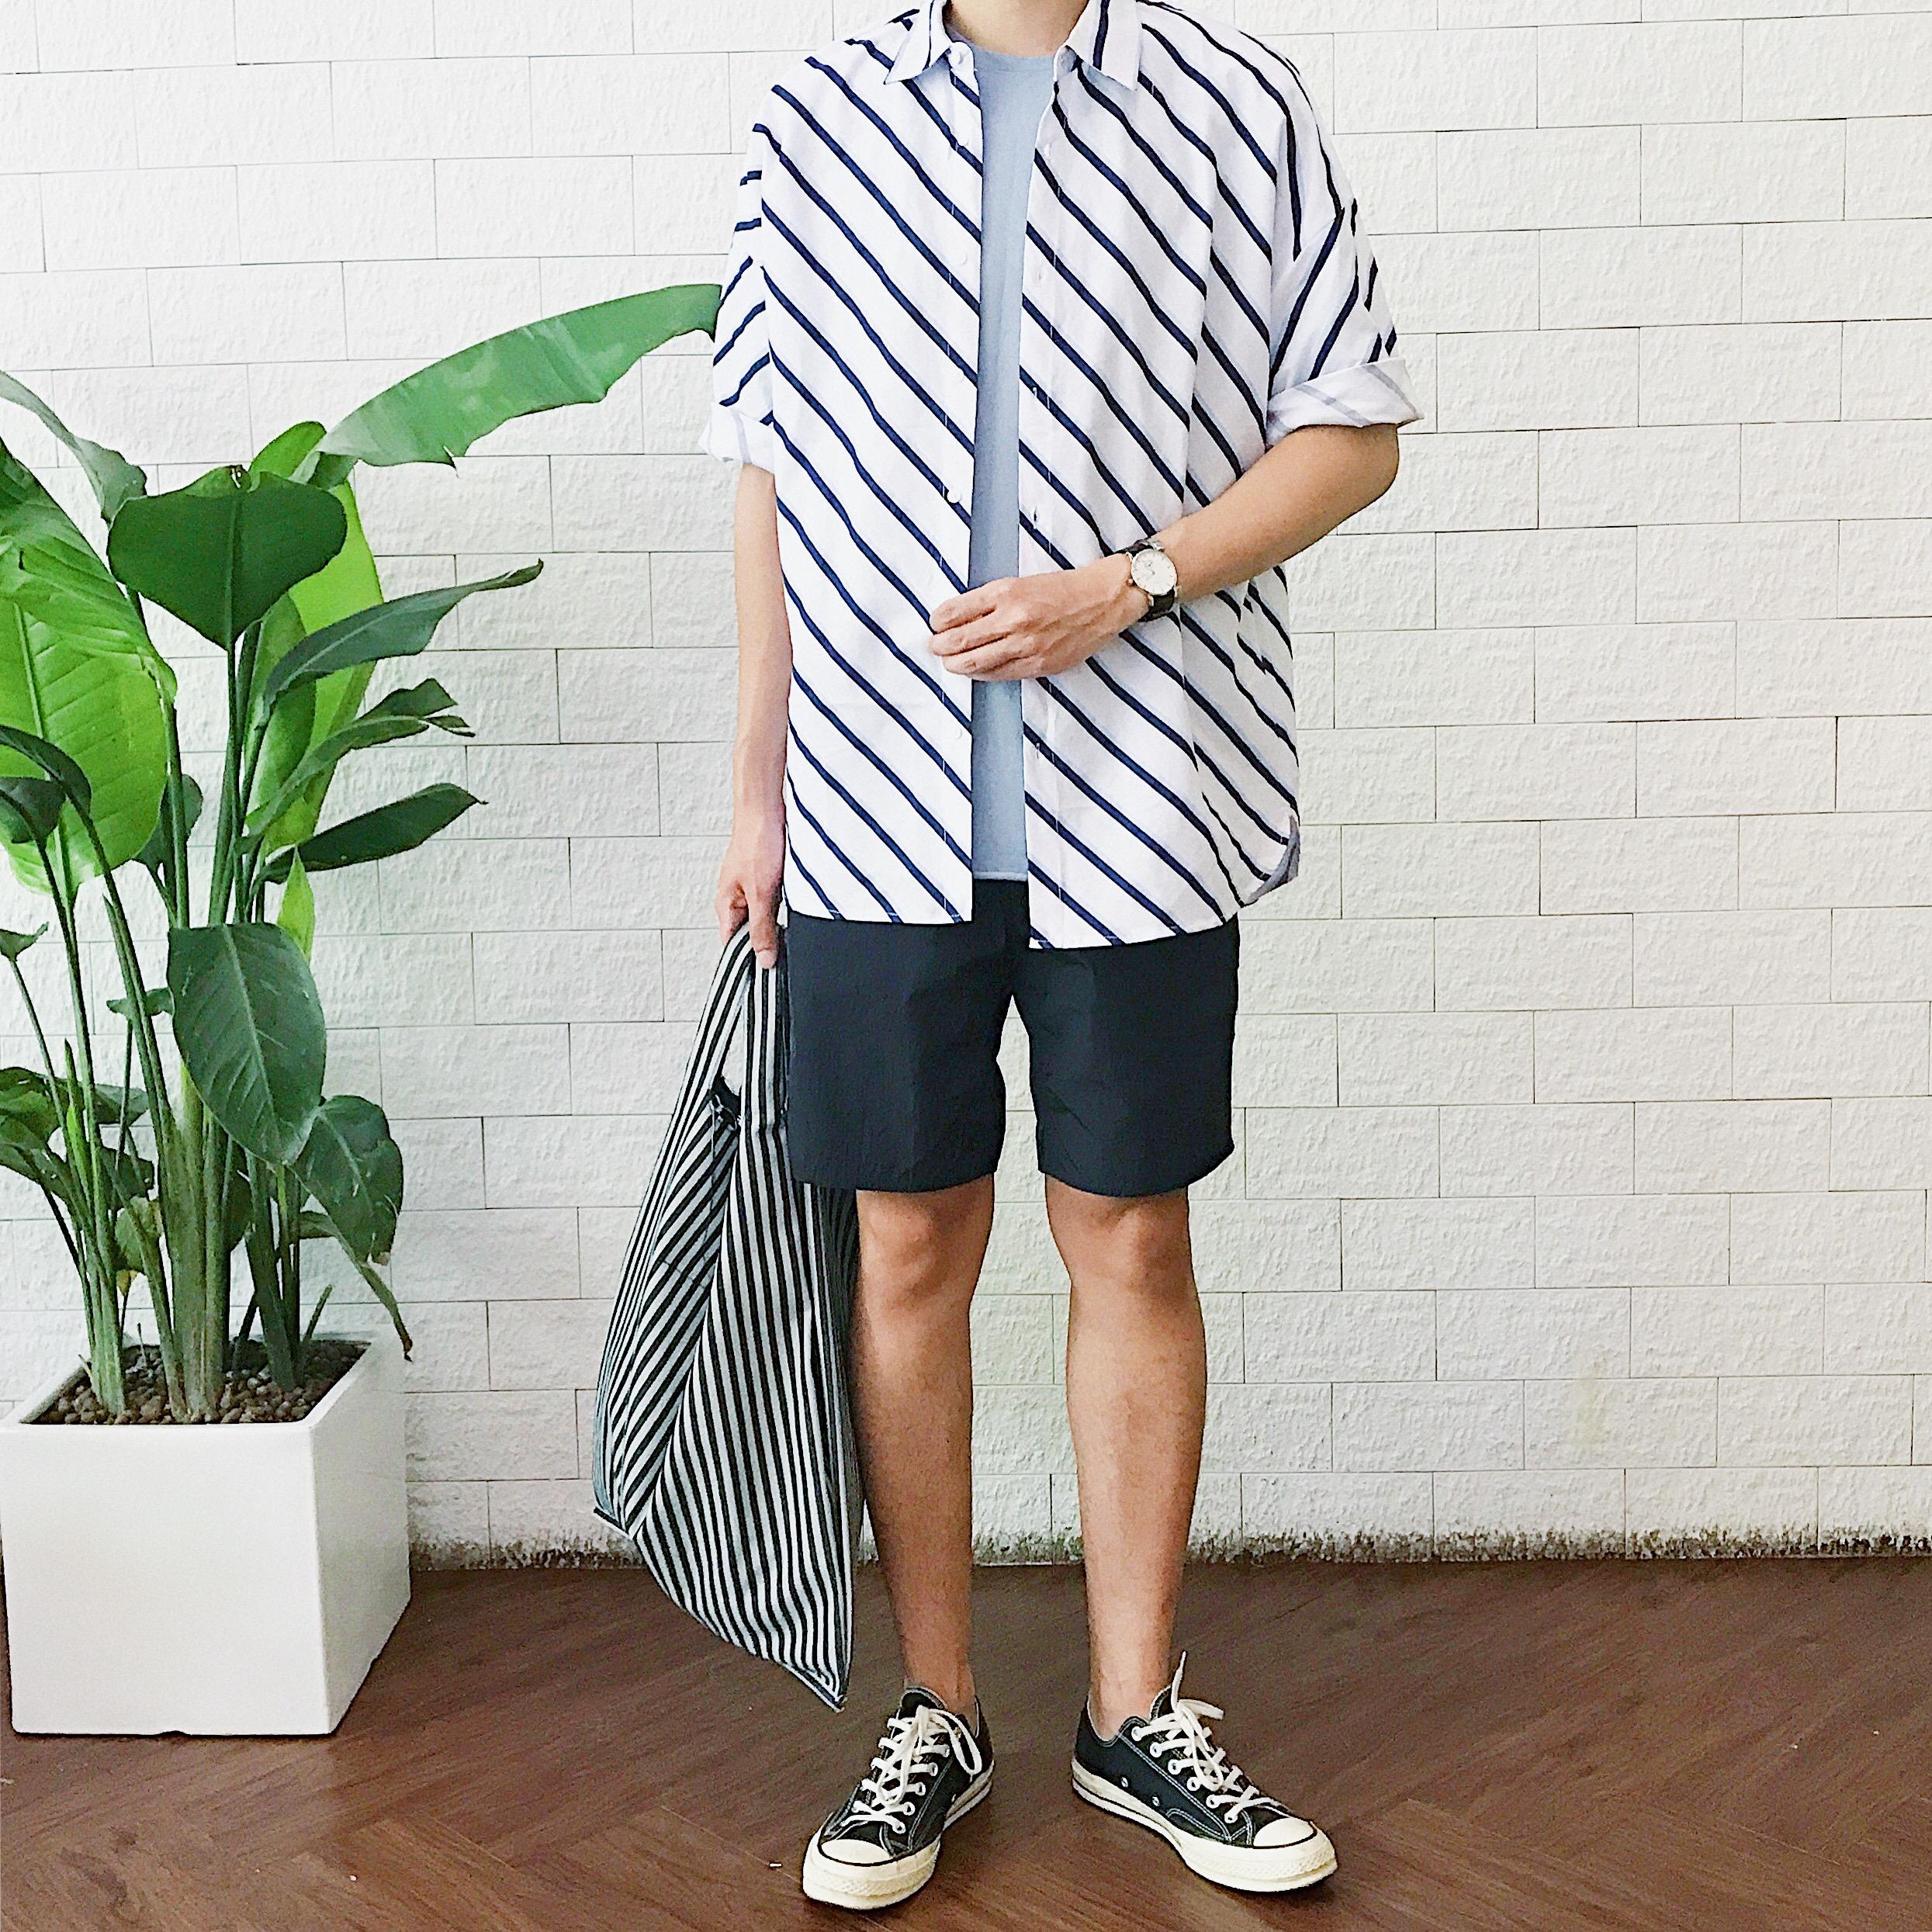 夏季穿衣 男人要学会用条纹点缀魅力  夏6月 第18张